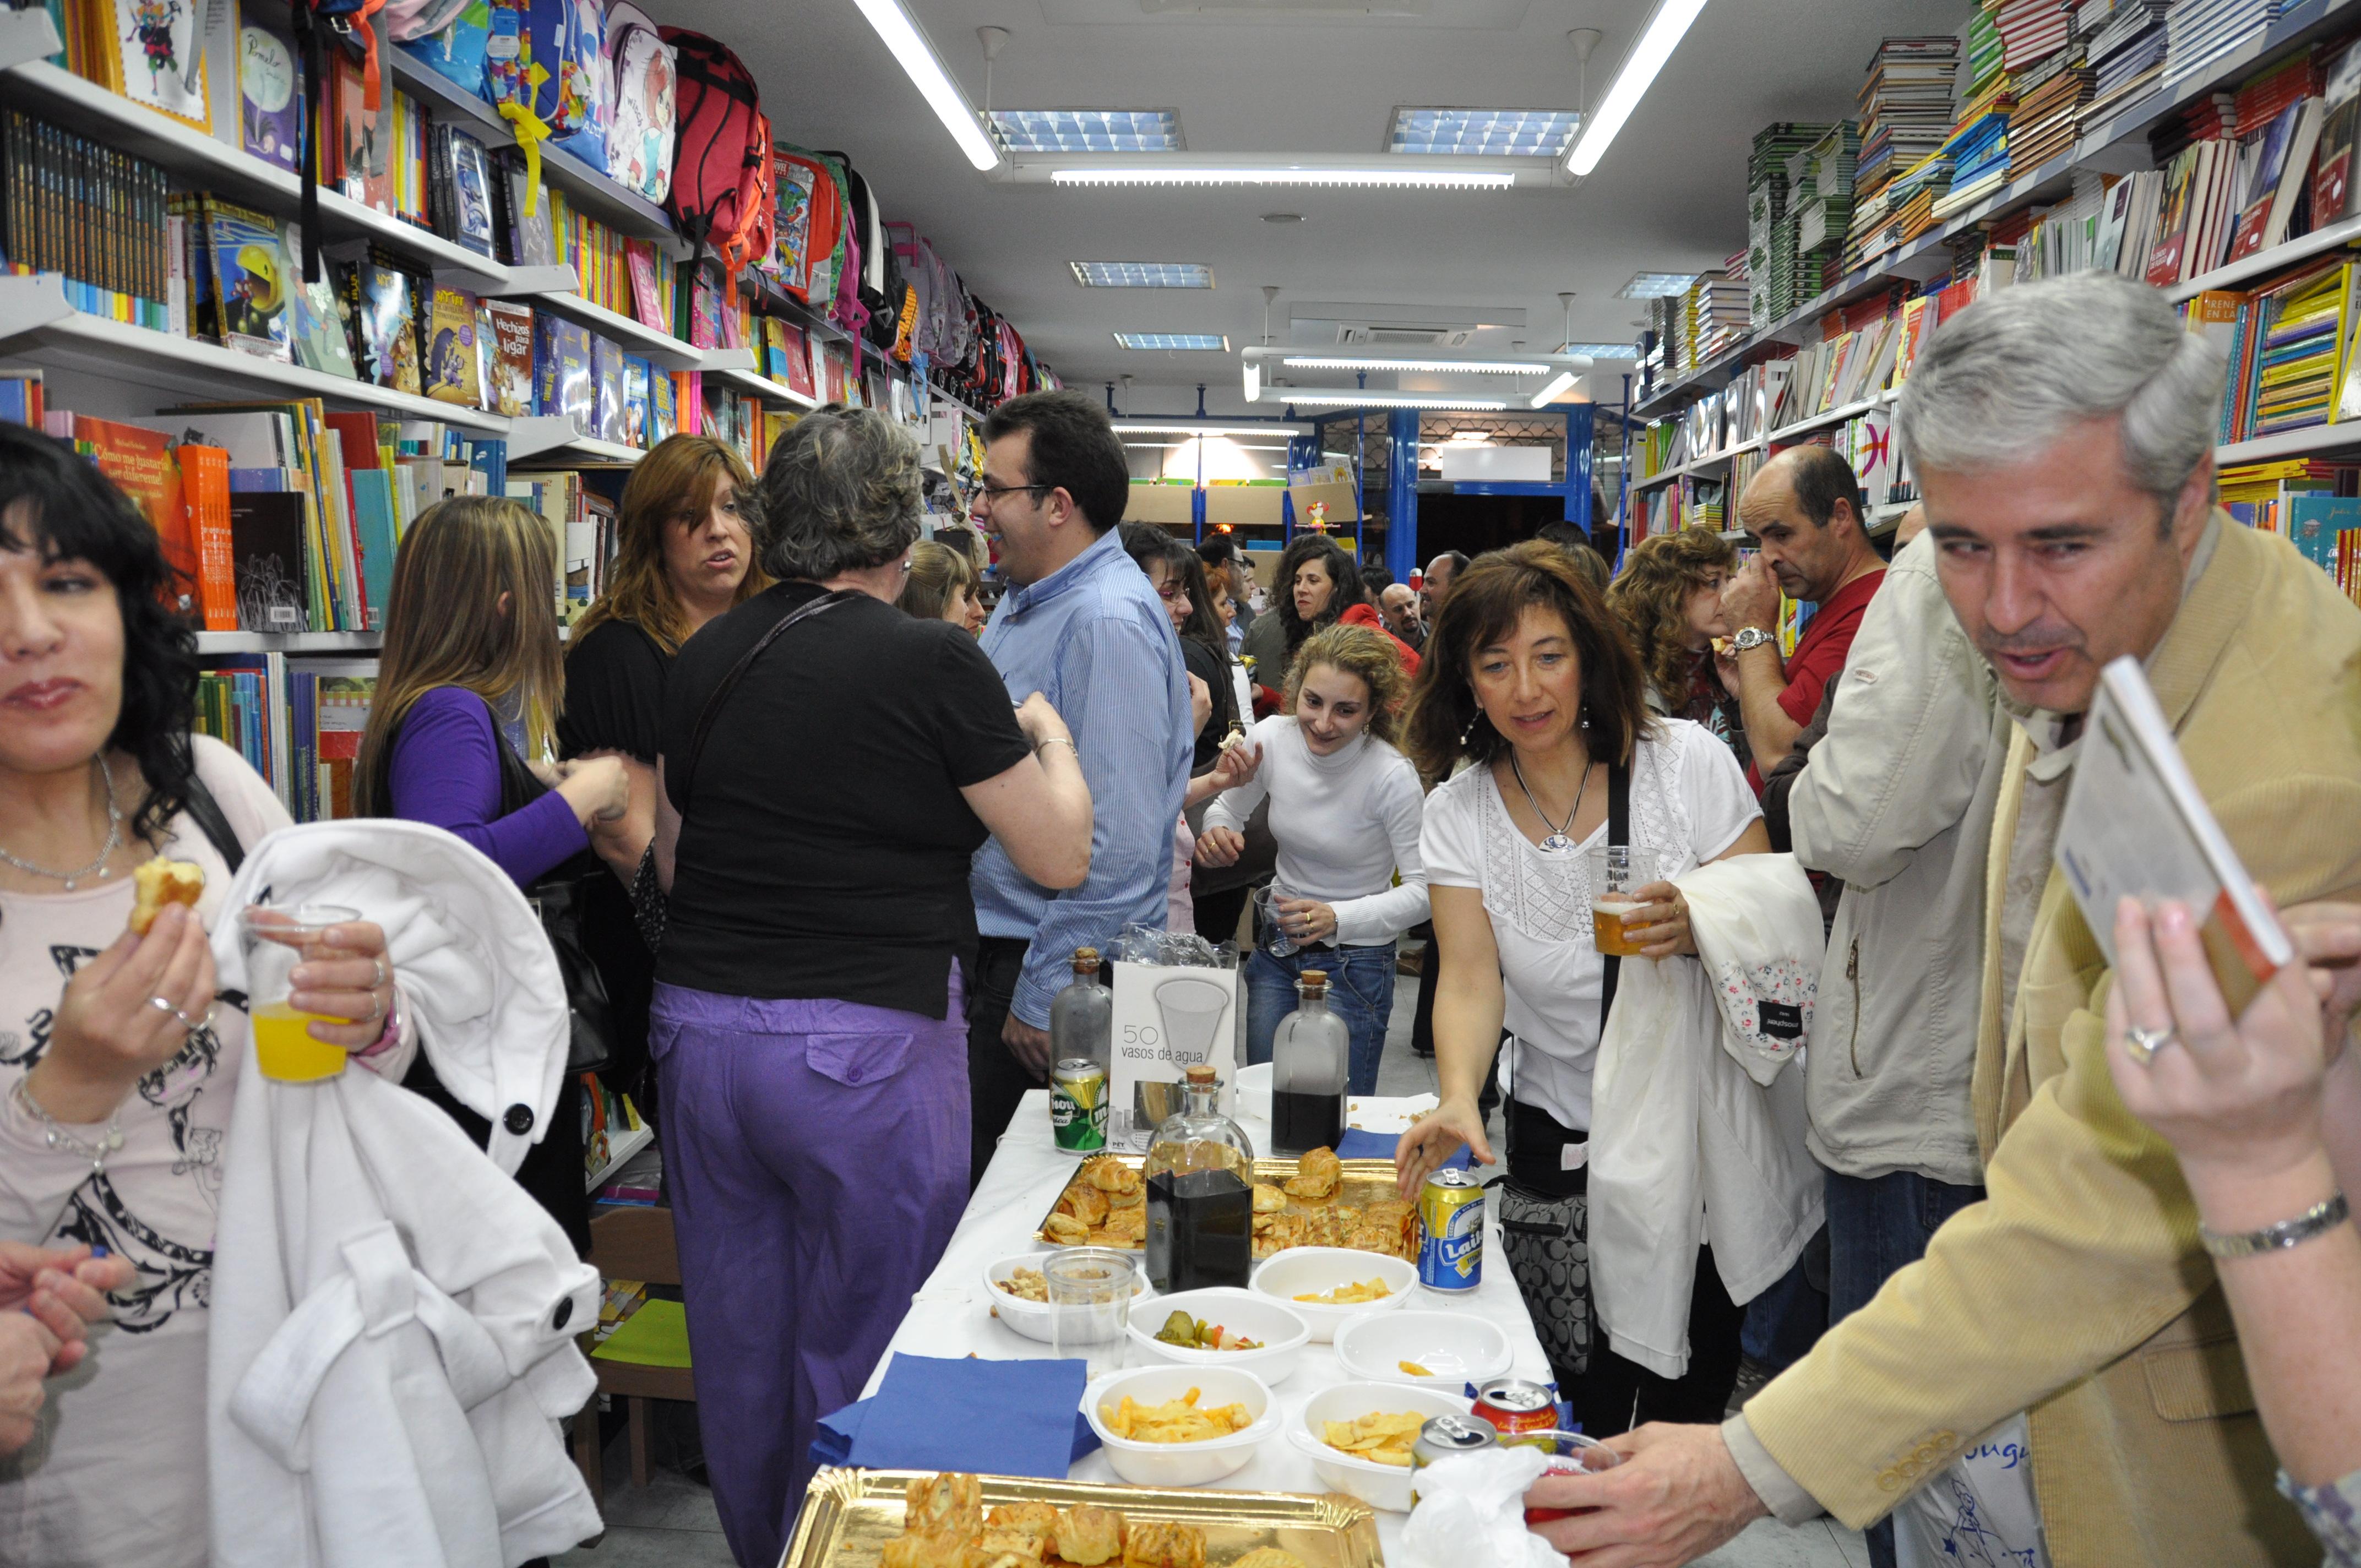 Todo un detalle de la Librería Carmen. Bebidas y comida para acompañar, que no sólo de cultura vive el hombre.